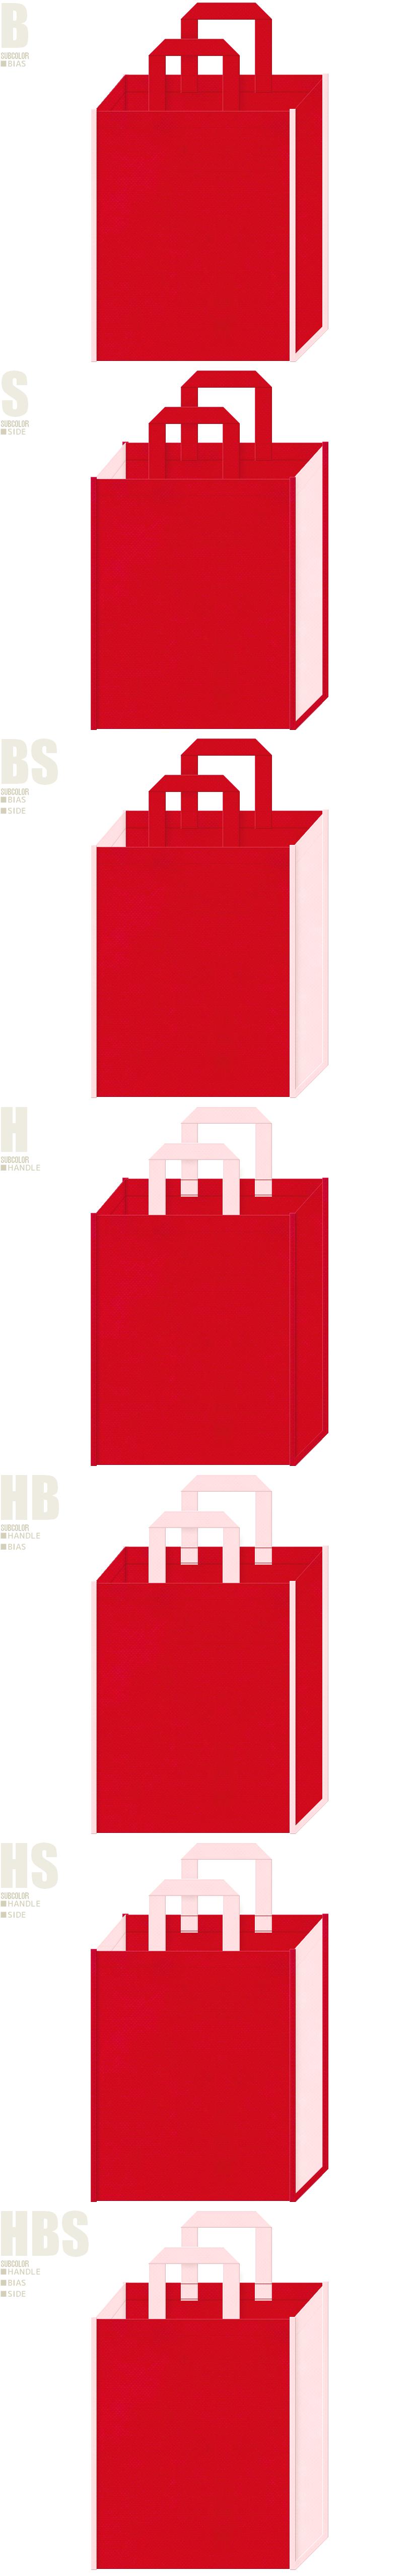 不織布トートバッグのデザイン:母の日ギフト・ひな祭り商品にお奨めの配色です。